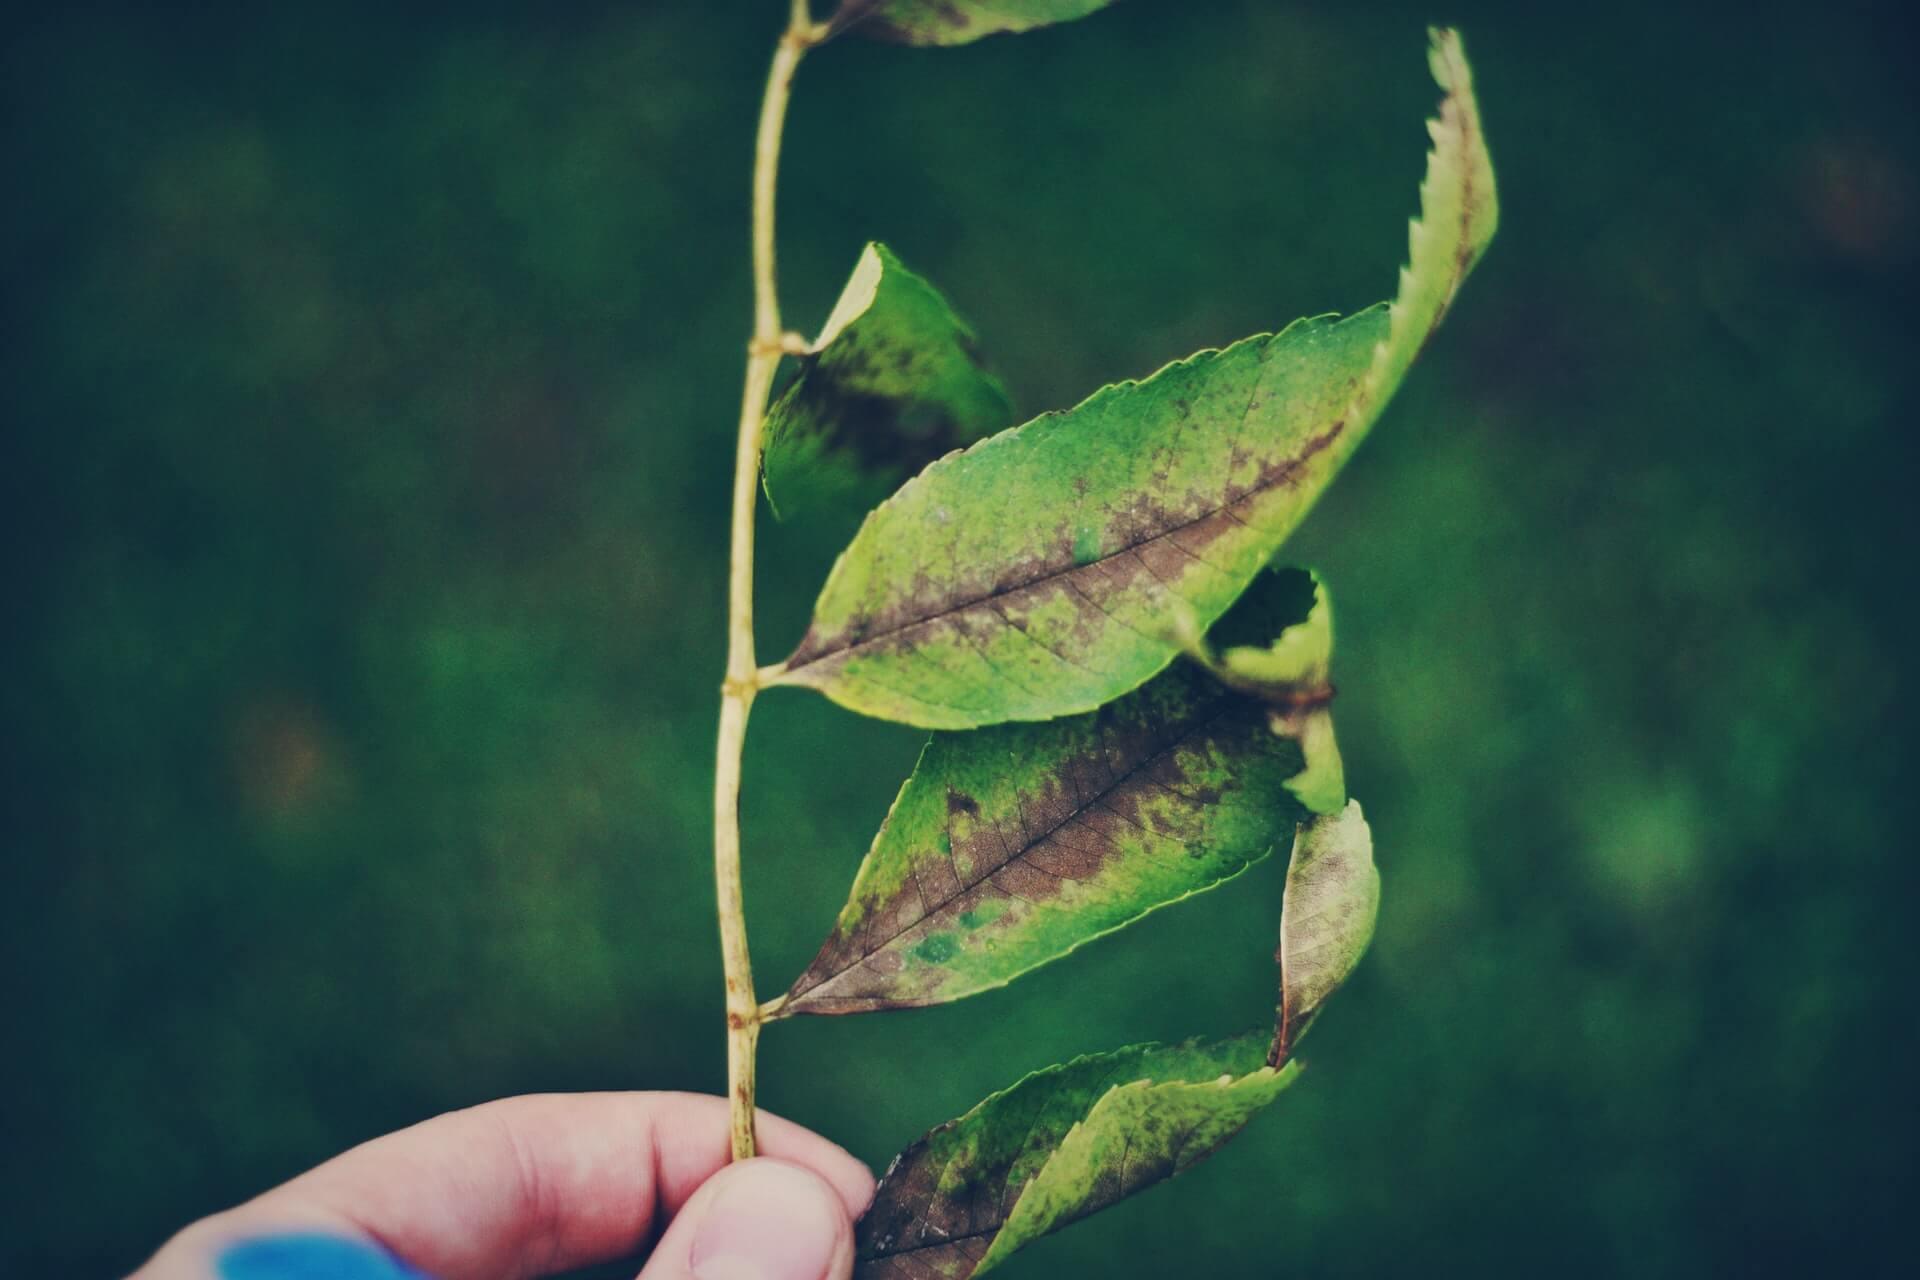 Brown Spots On Leaves